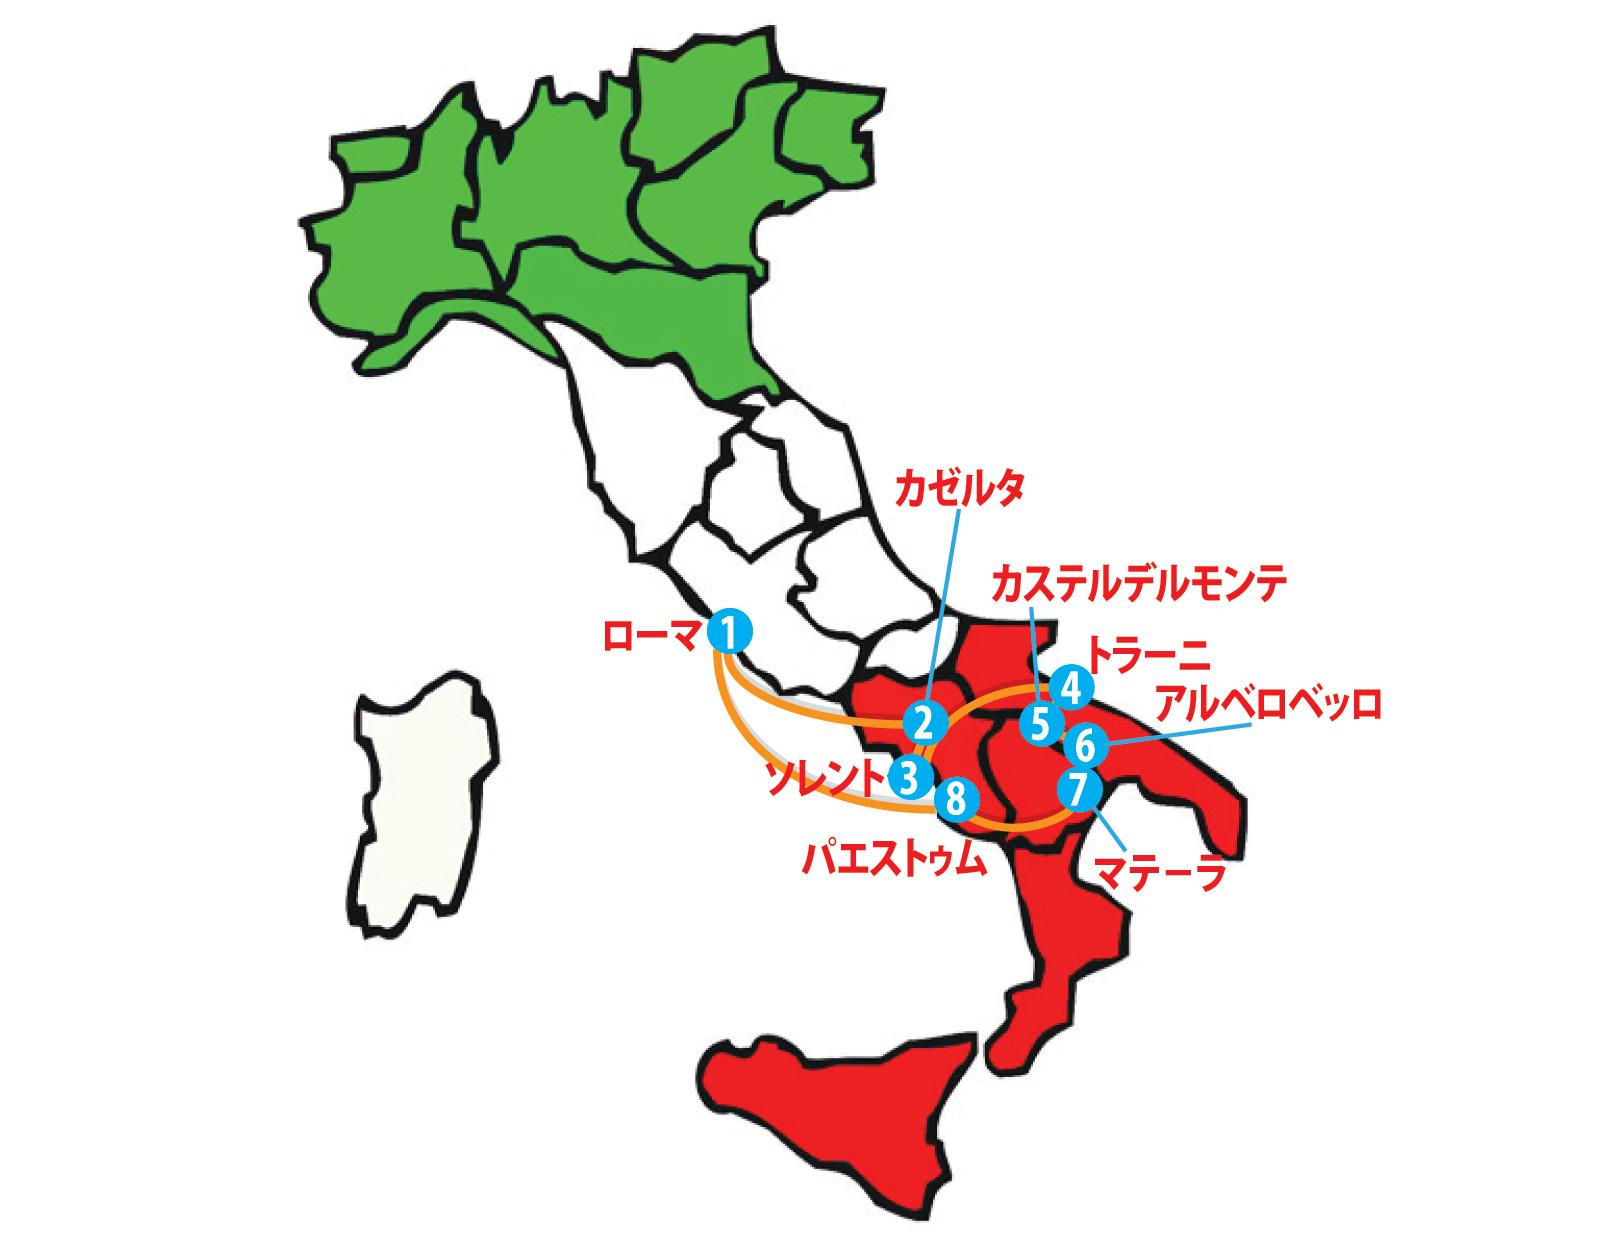 第 4回 レオナルドと行くディープなイタリアと出会う旅_a0281139_11440534.jpg